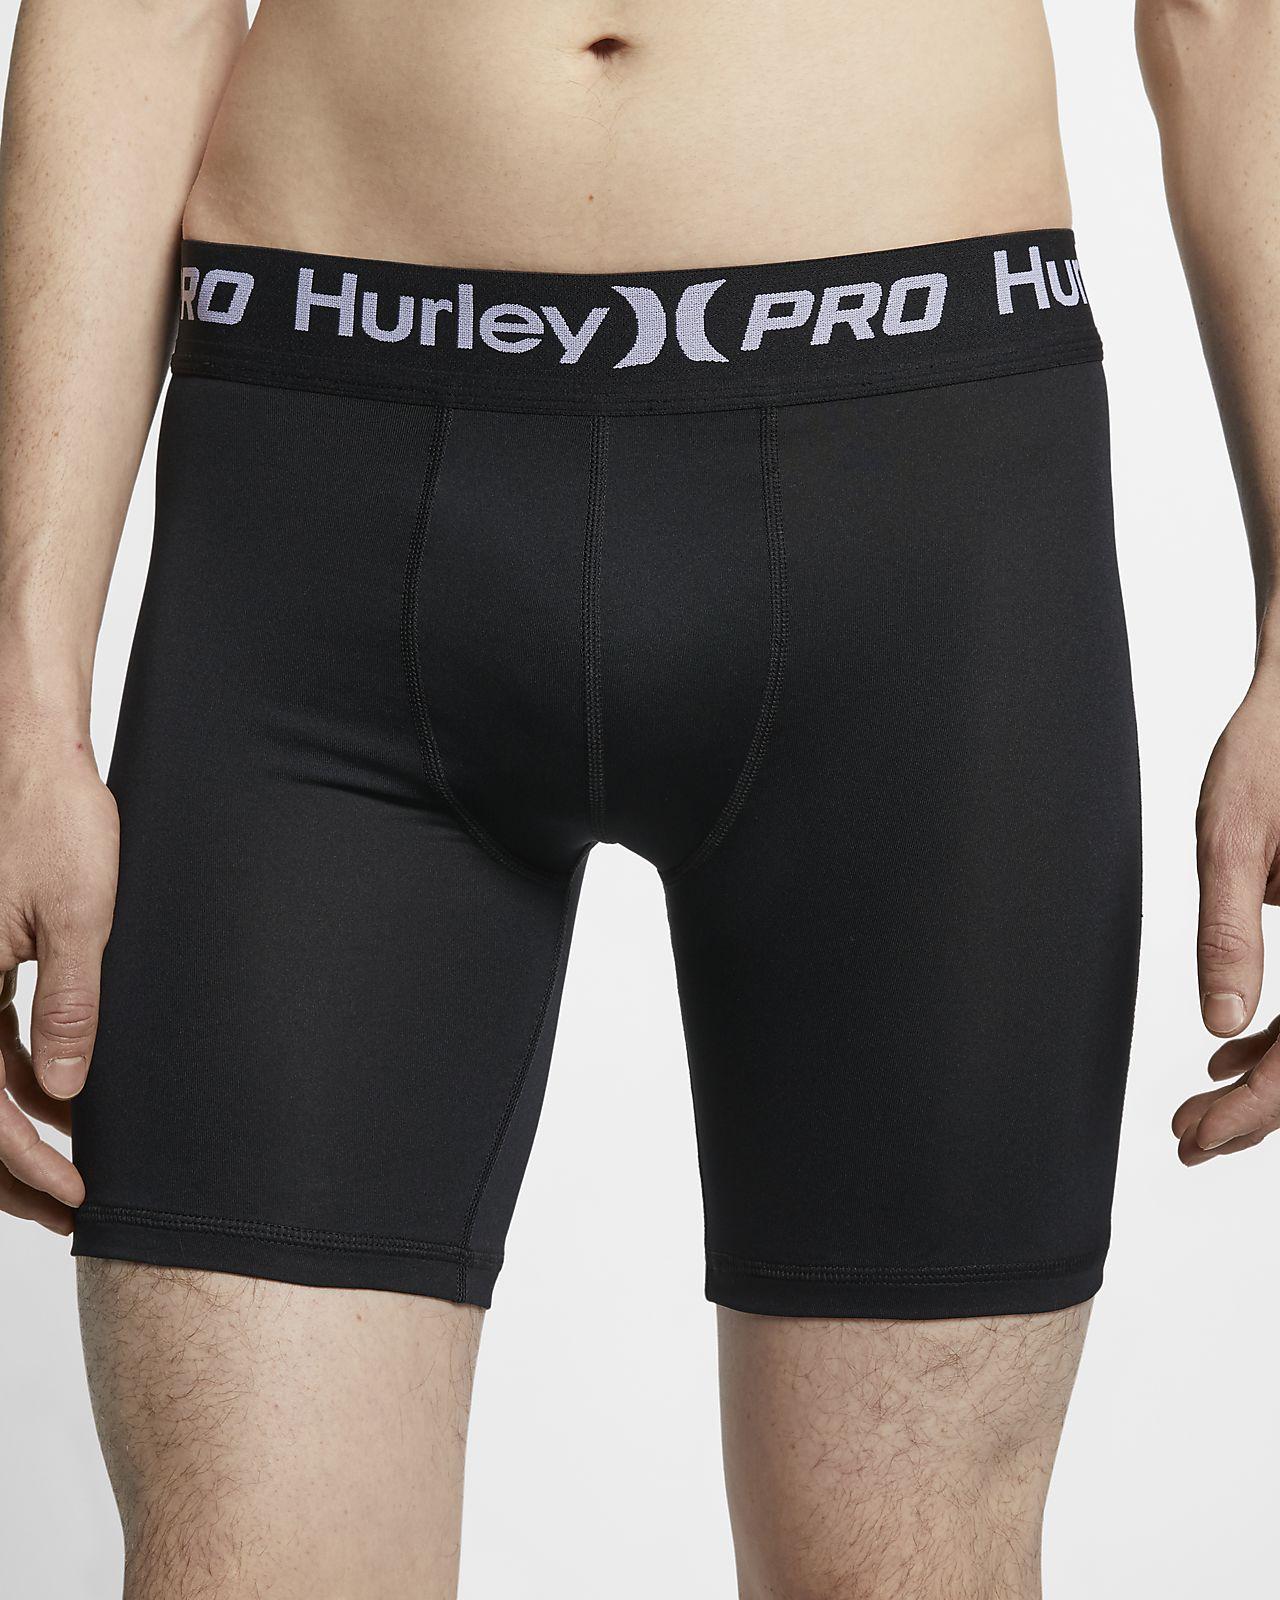 Calções de 33 cm Hurley Pro Light para homem